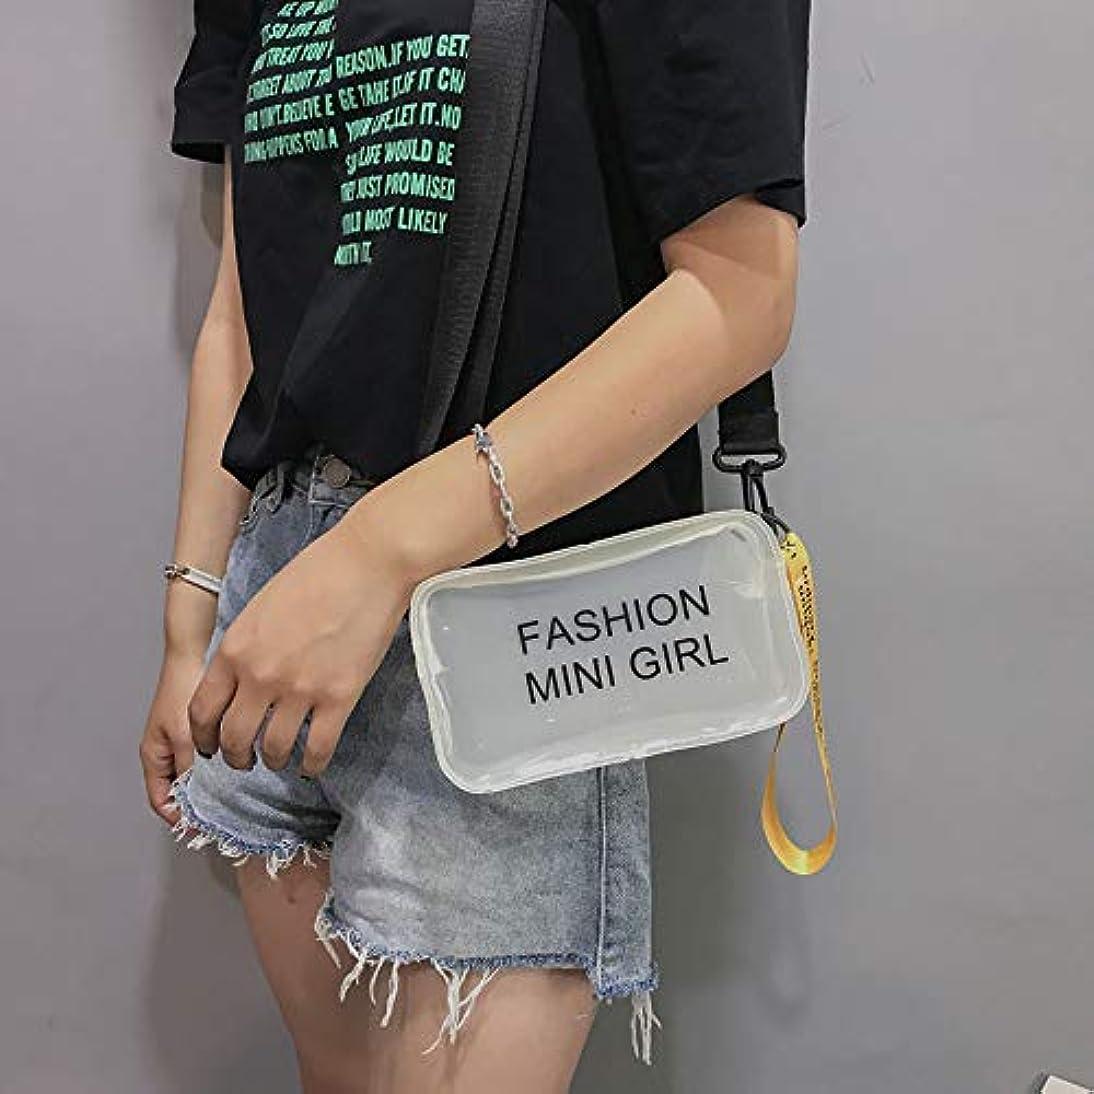 ブロックする温帯消去女性ファッションゼリー手紙ストリートシンプルデザインショルダーバッグメッセンジャーバッグ、ゼリー手紙メッセンジャーバッグハンドバッグ携帯電話バッグ、ファッション汎用メッセンジャーバッグショルダーバッグハンドバッグ (白)